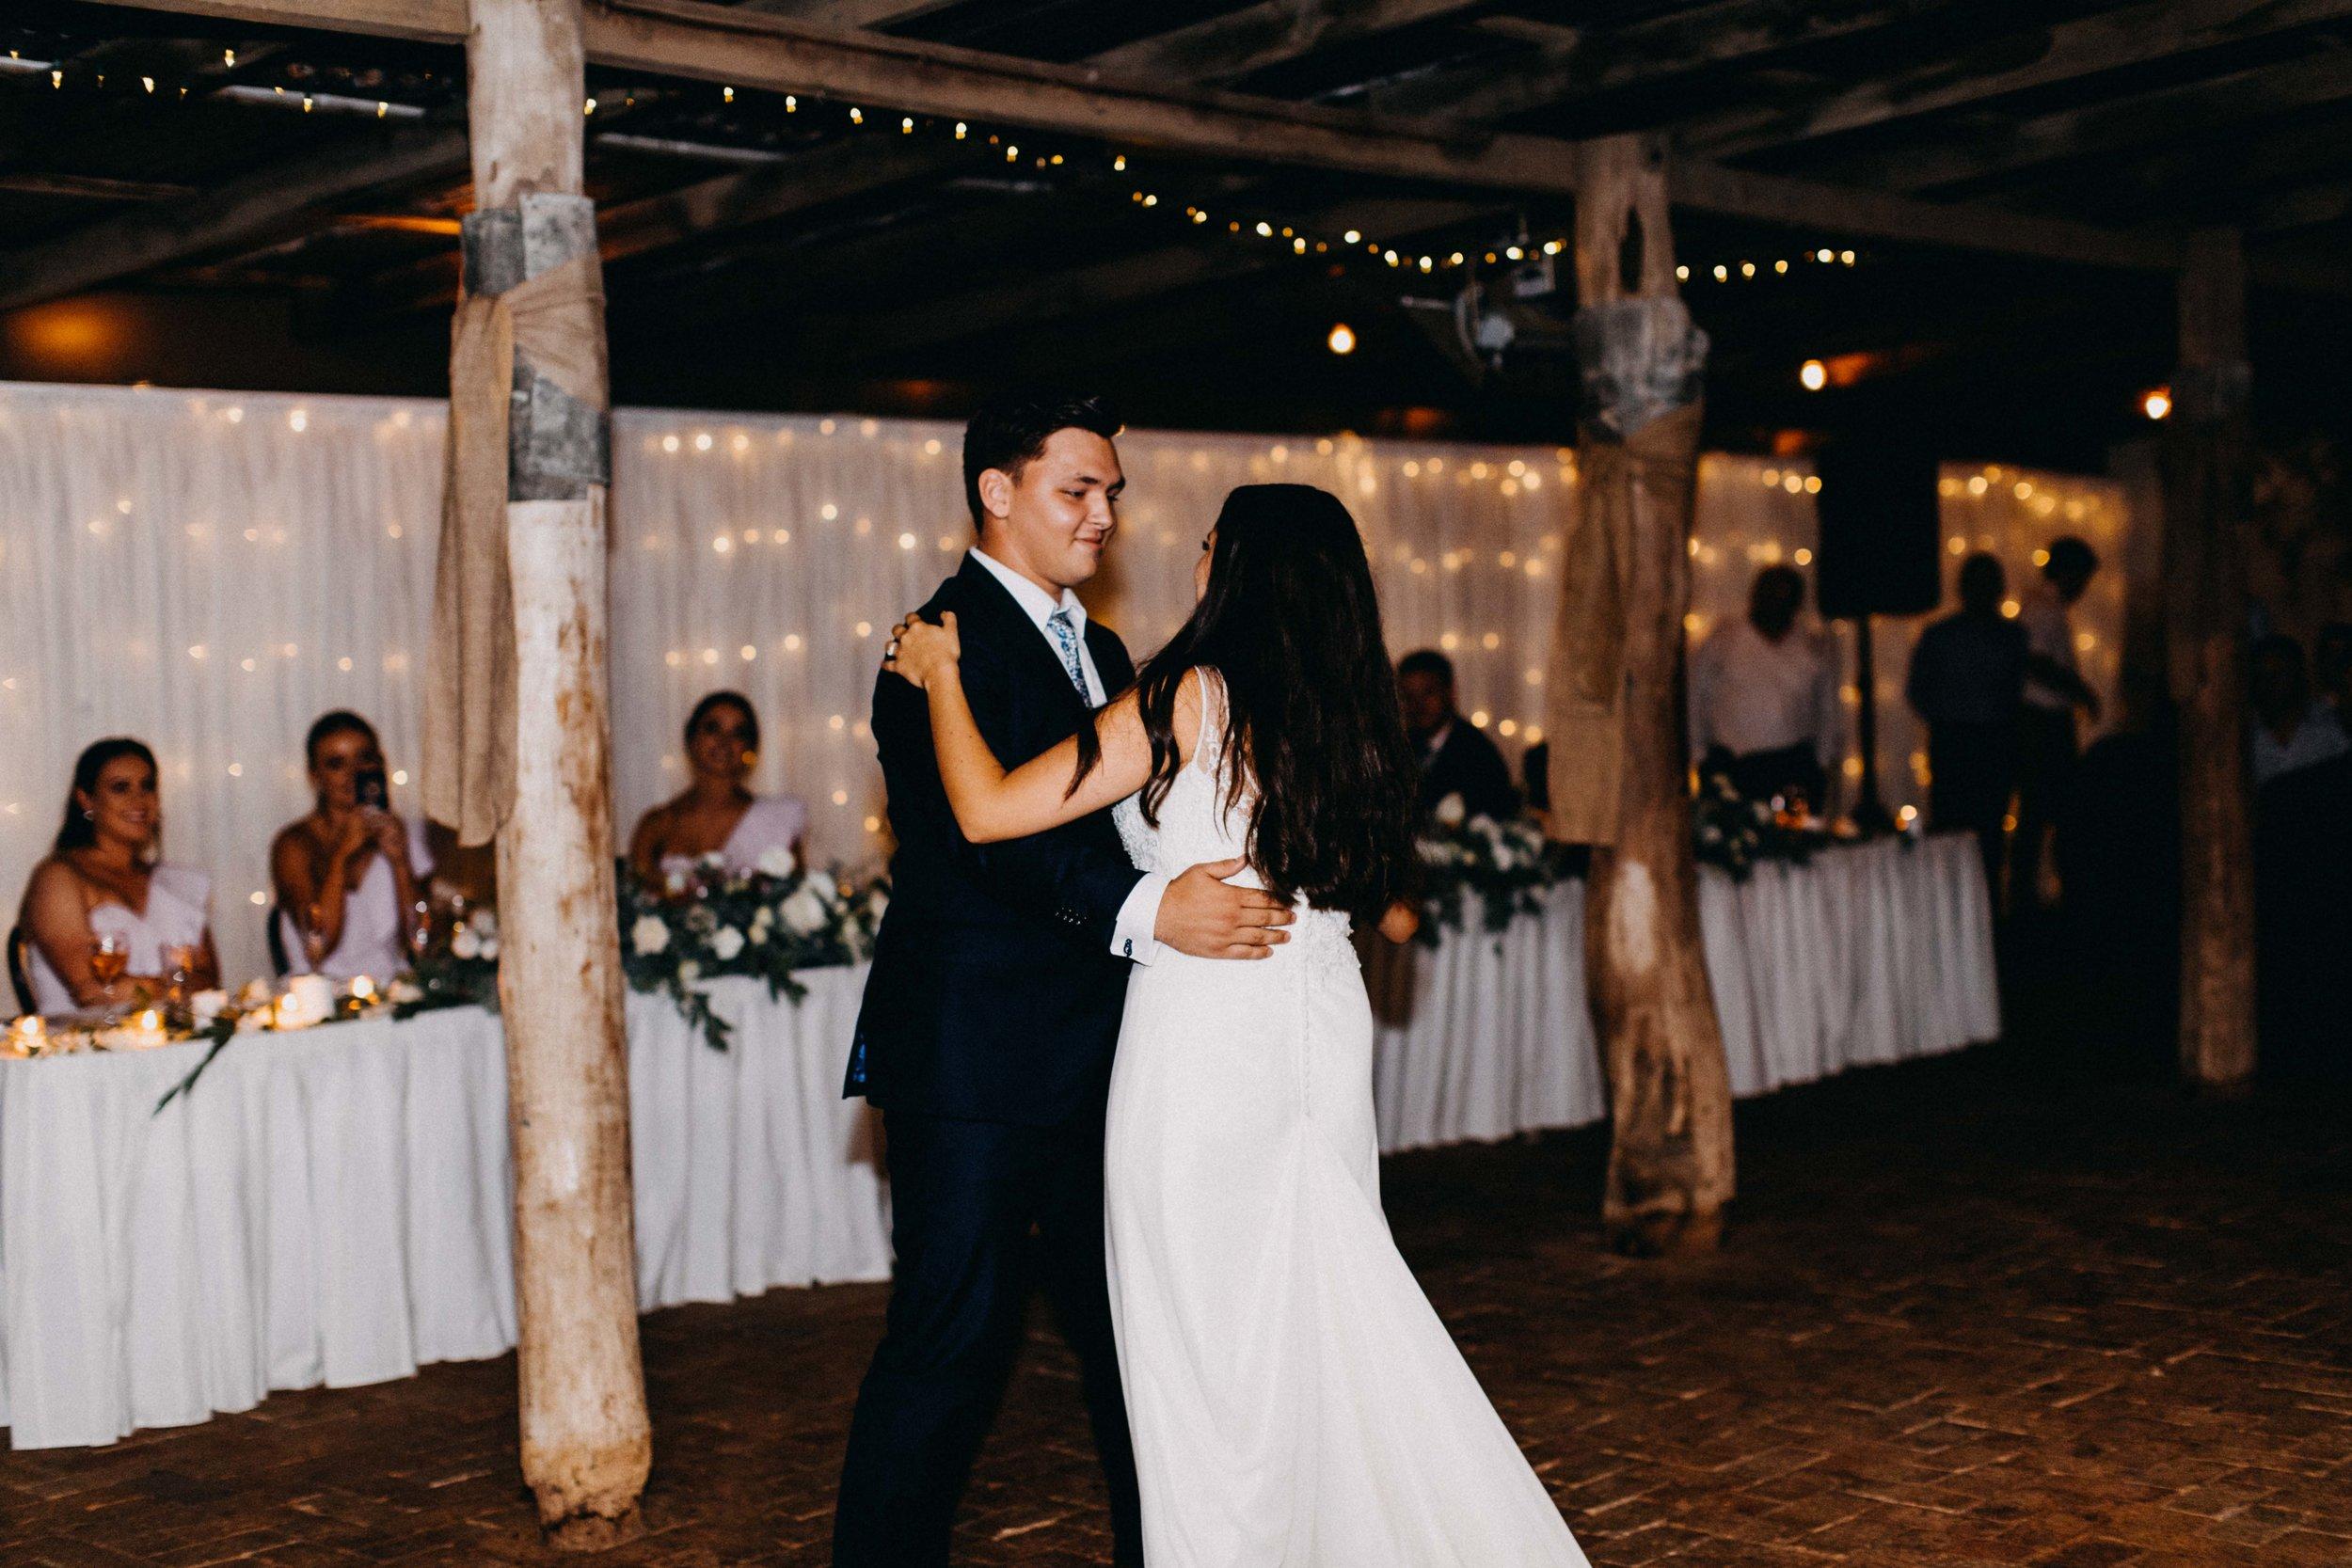 www.emilyobrienphotography.net-belgenny-farm-wedding-camden-photography-maddie-andrzej-201.jpg